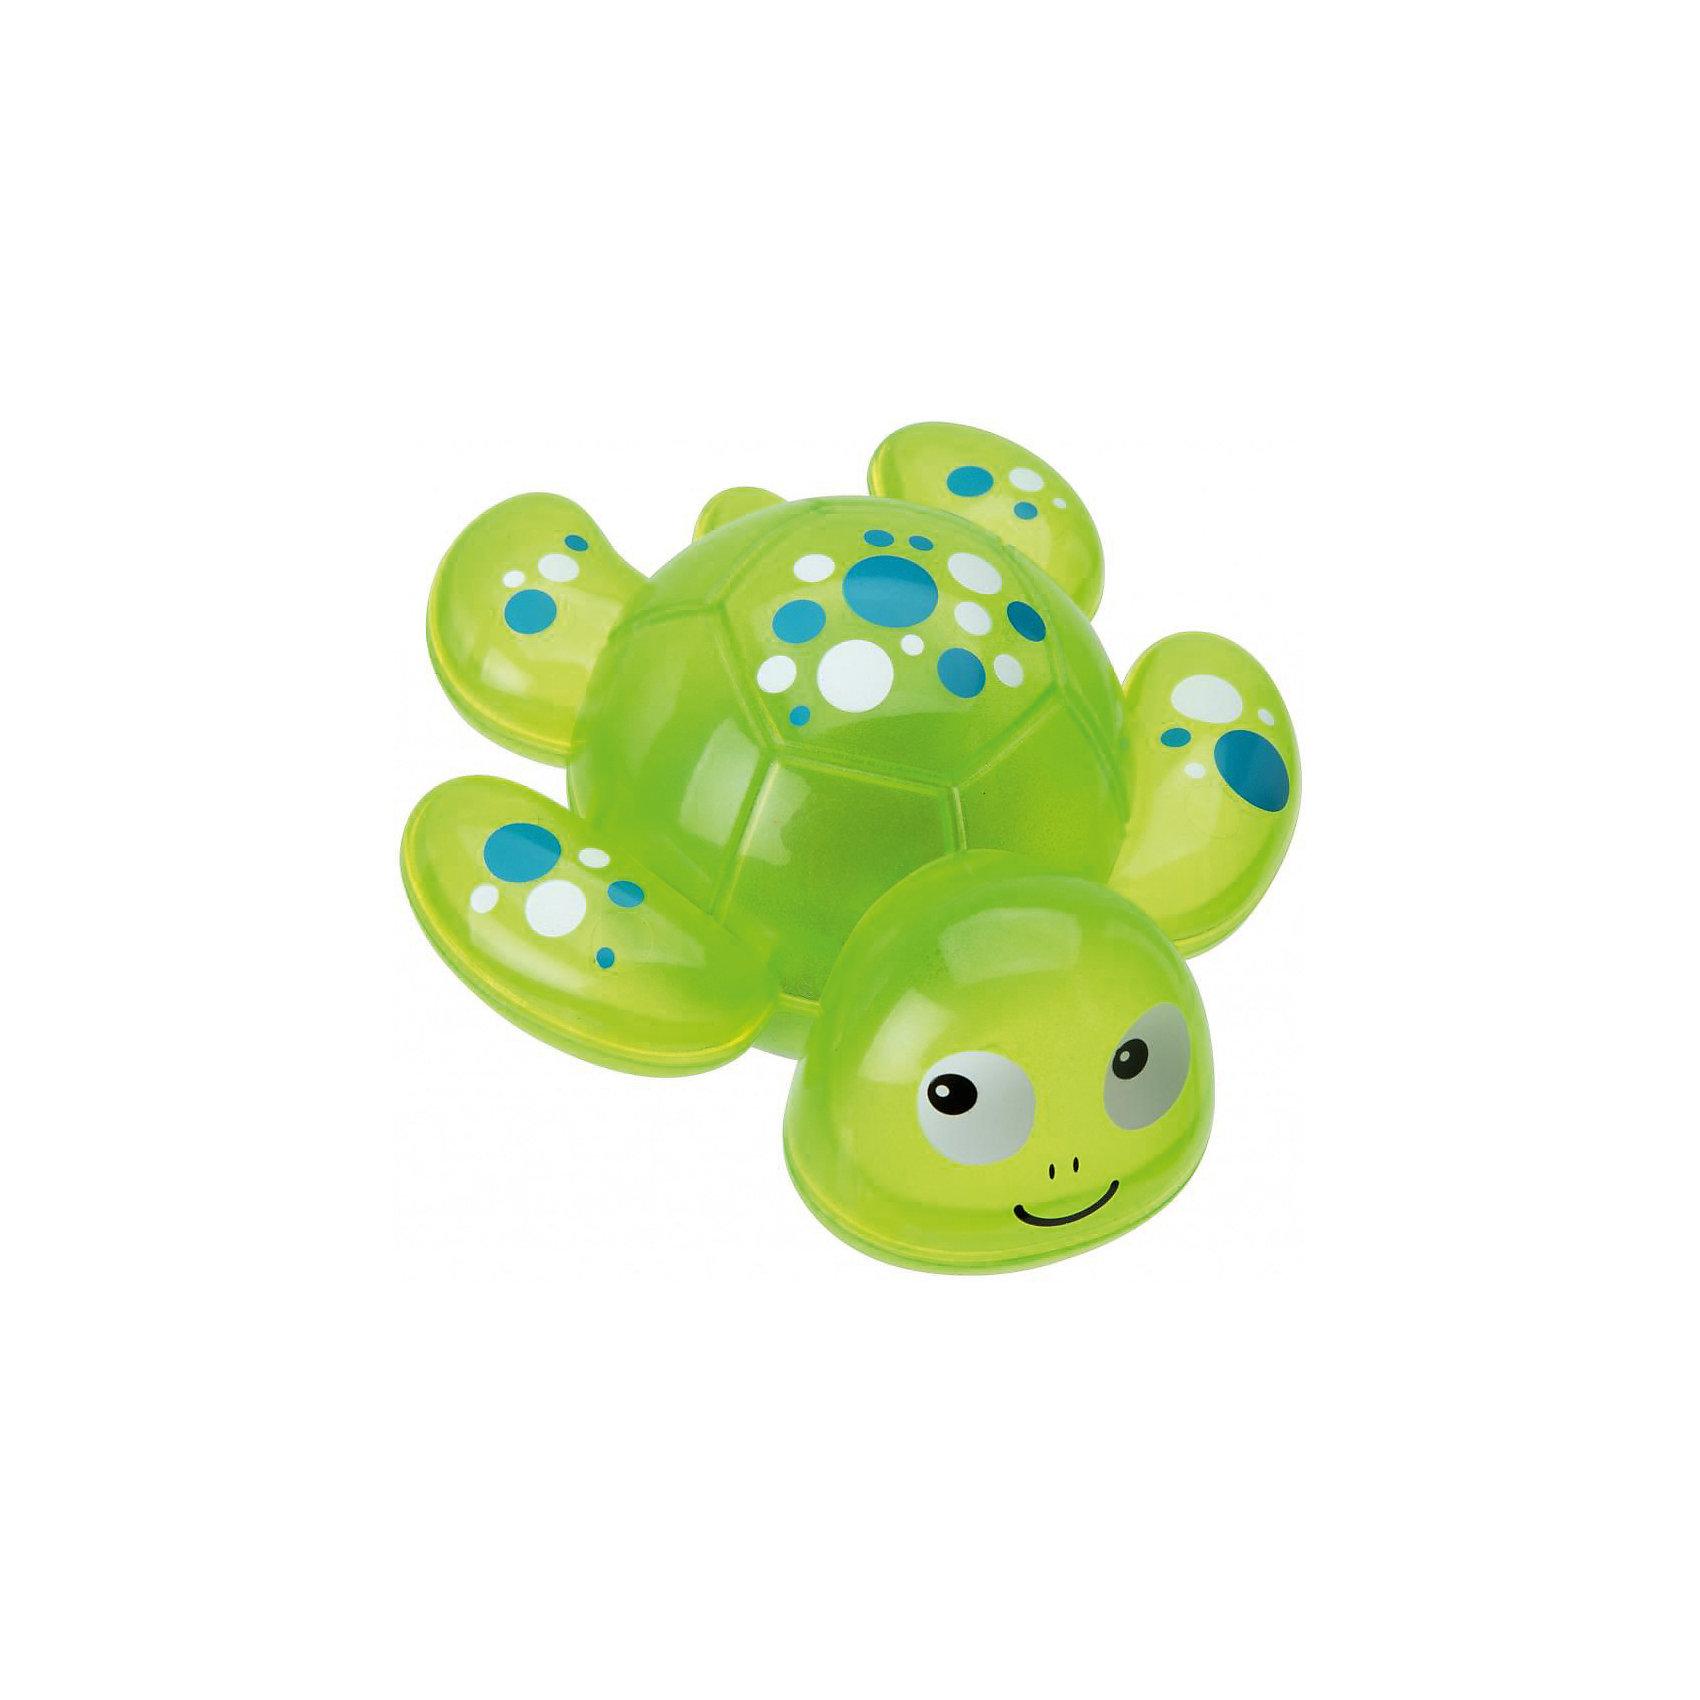 ALEX Игрушка для ванны Черепашка, ALEX игрушка черепашка b kids